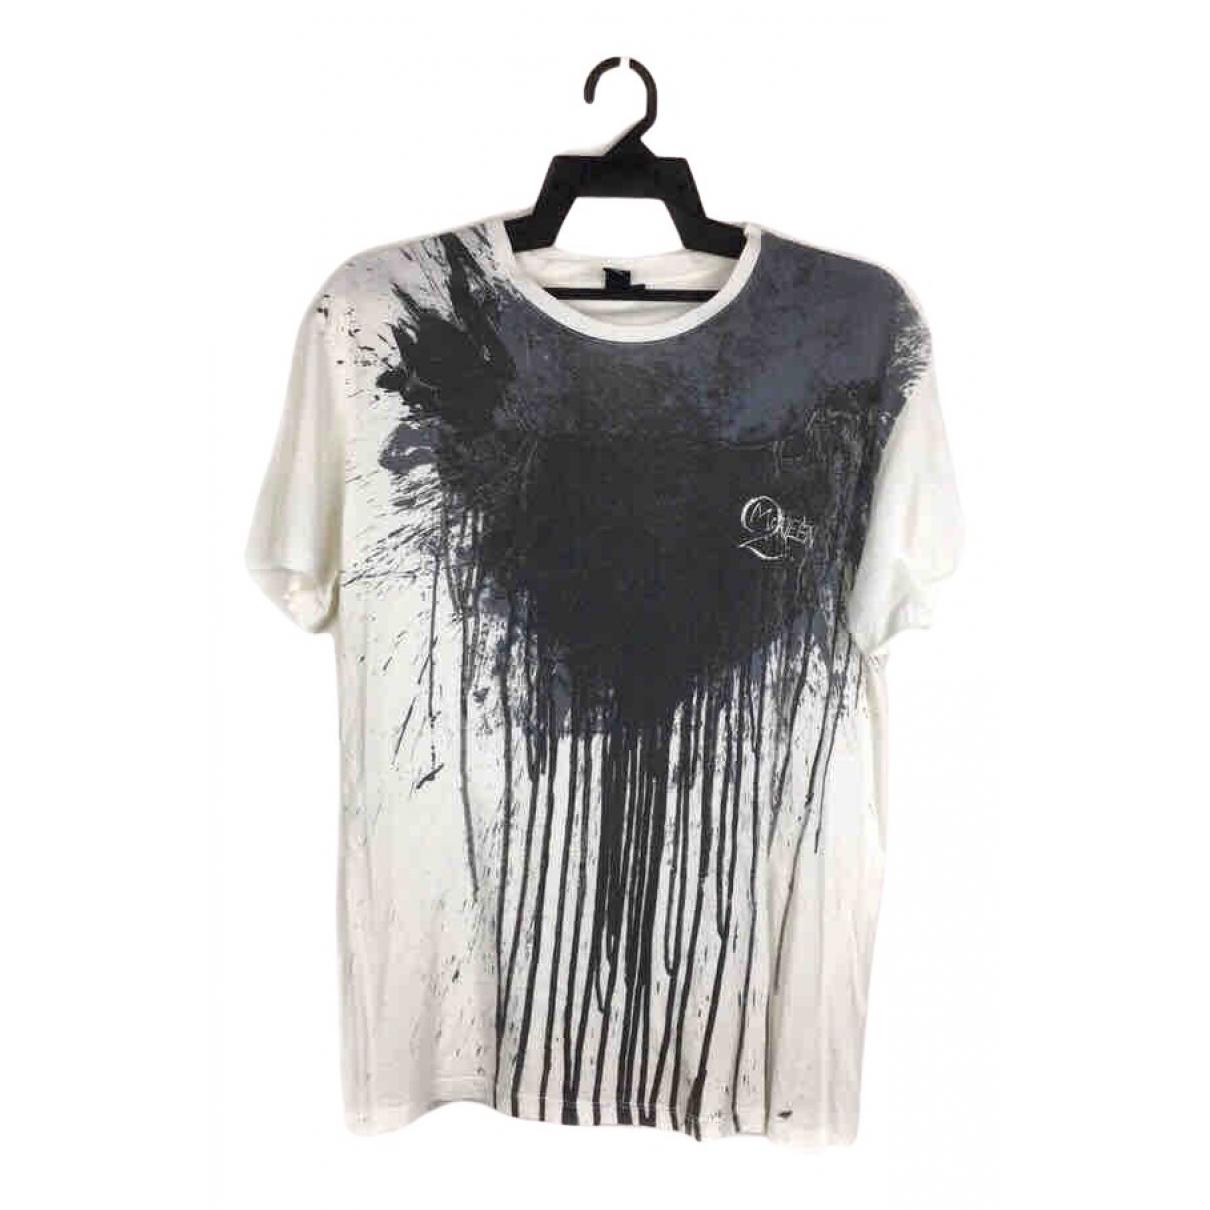 Mcq - Tee shirts   pour homme en coton - blanc